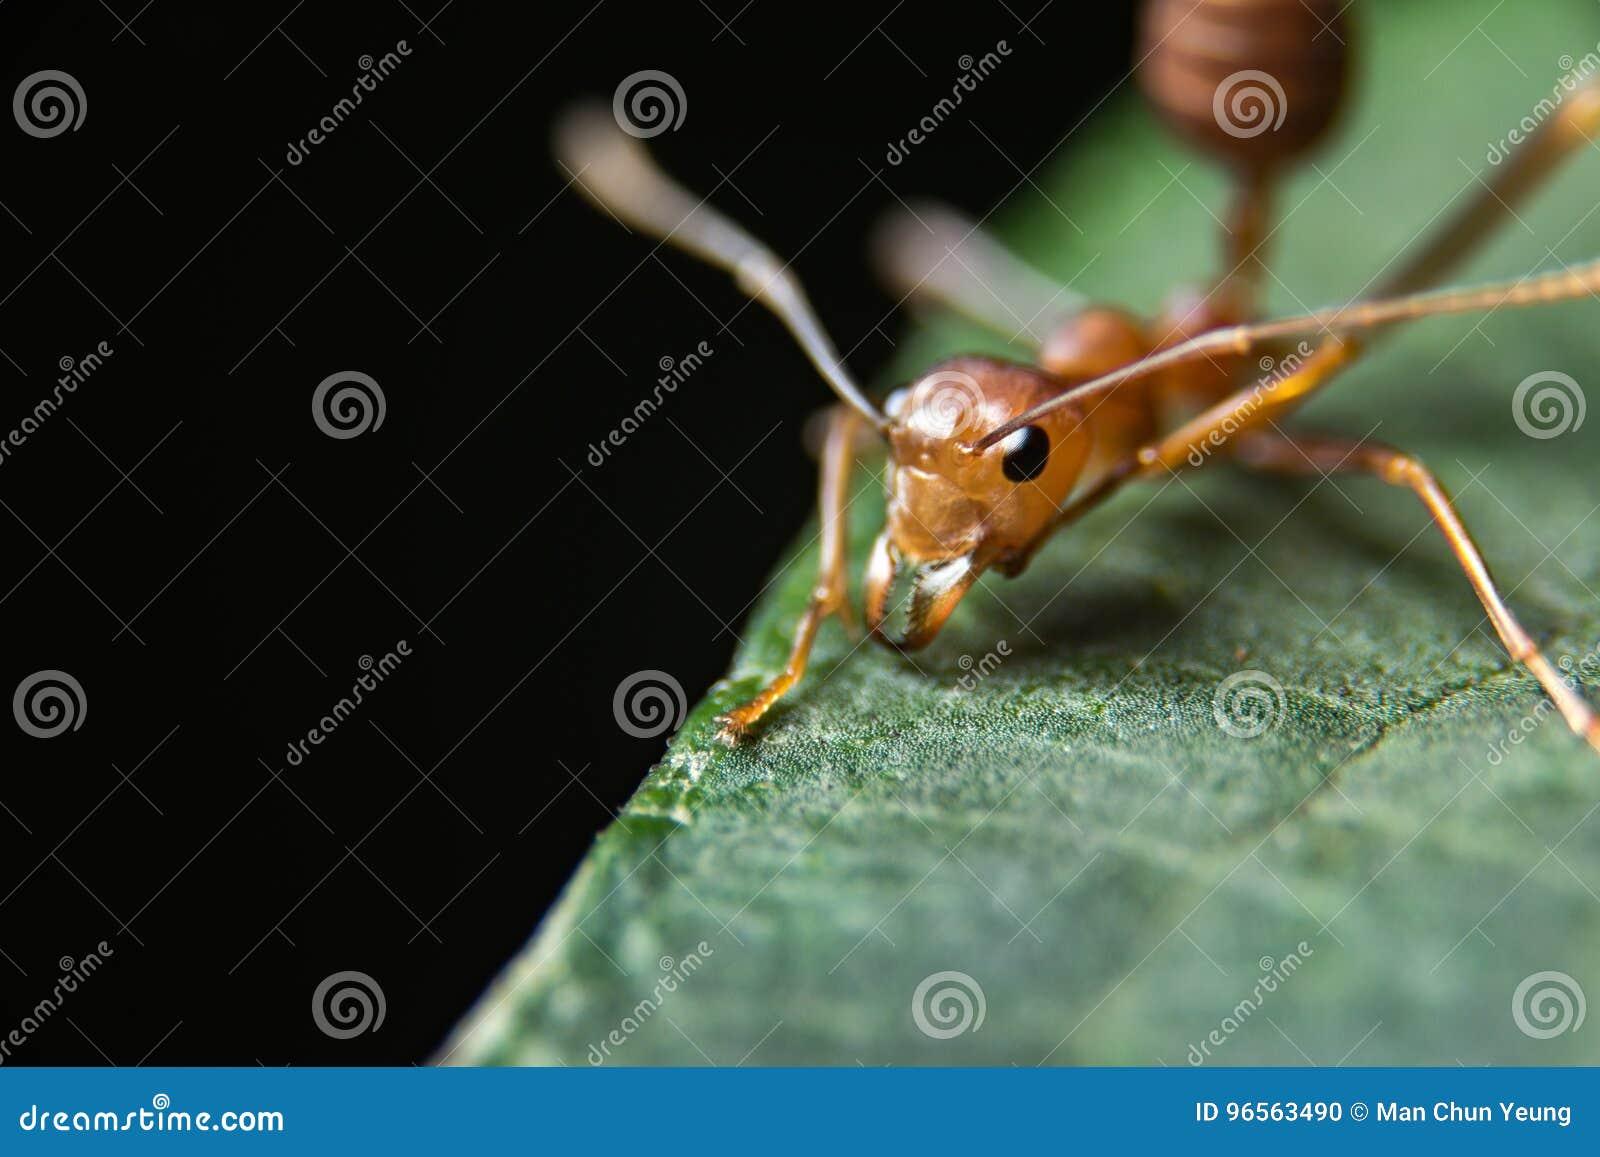 Hormiga roja foto de archivo. Imagen de anatomía, piernas - 96563490